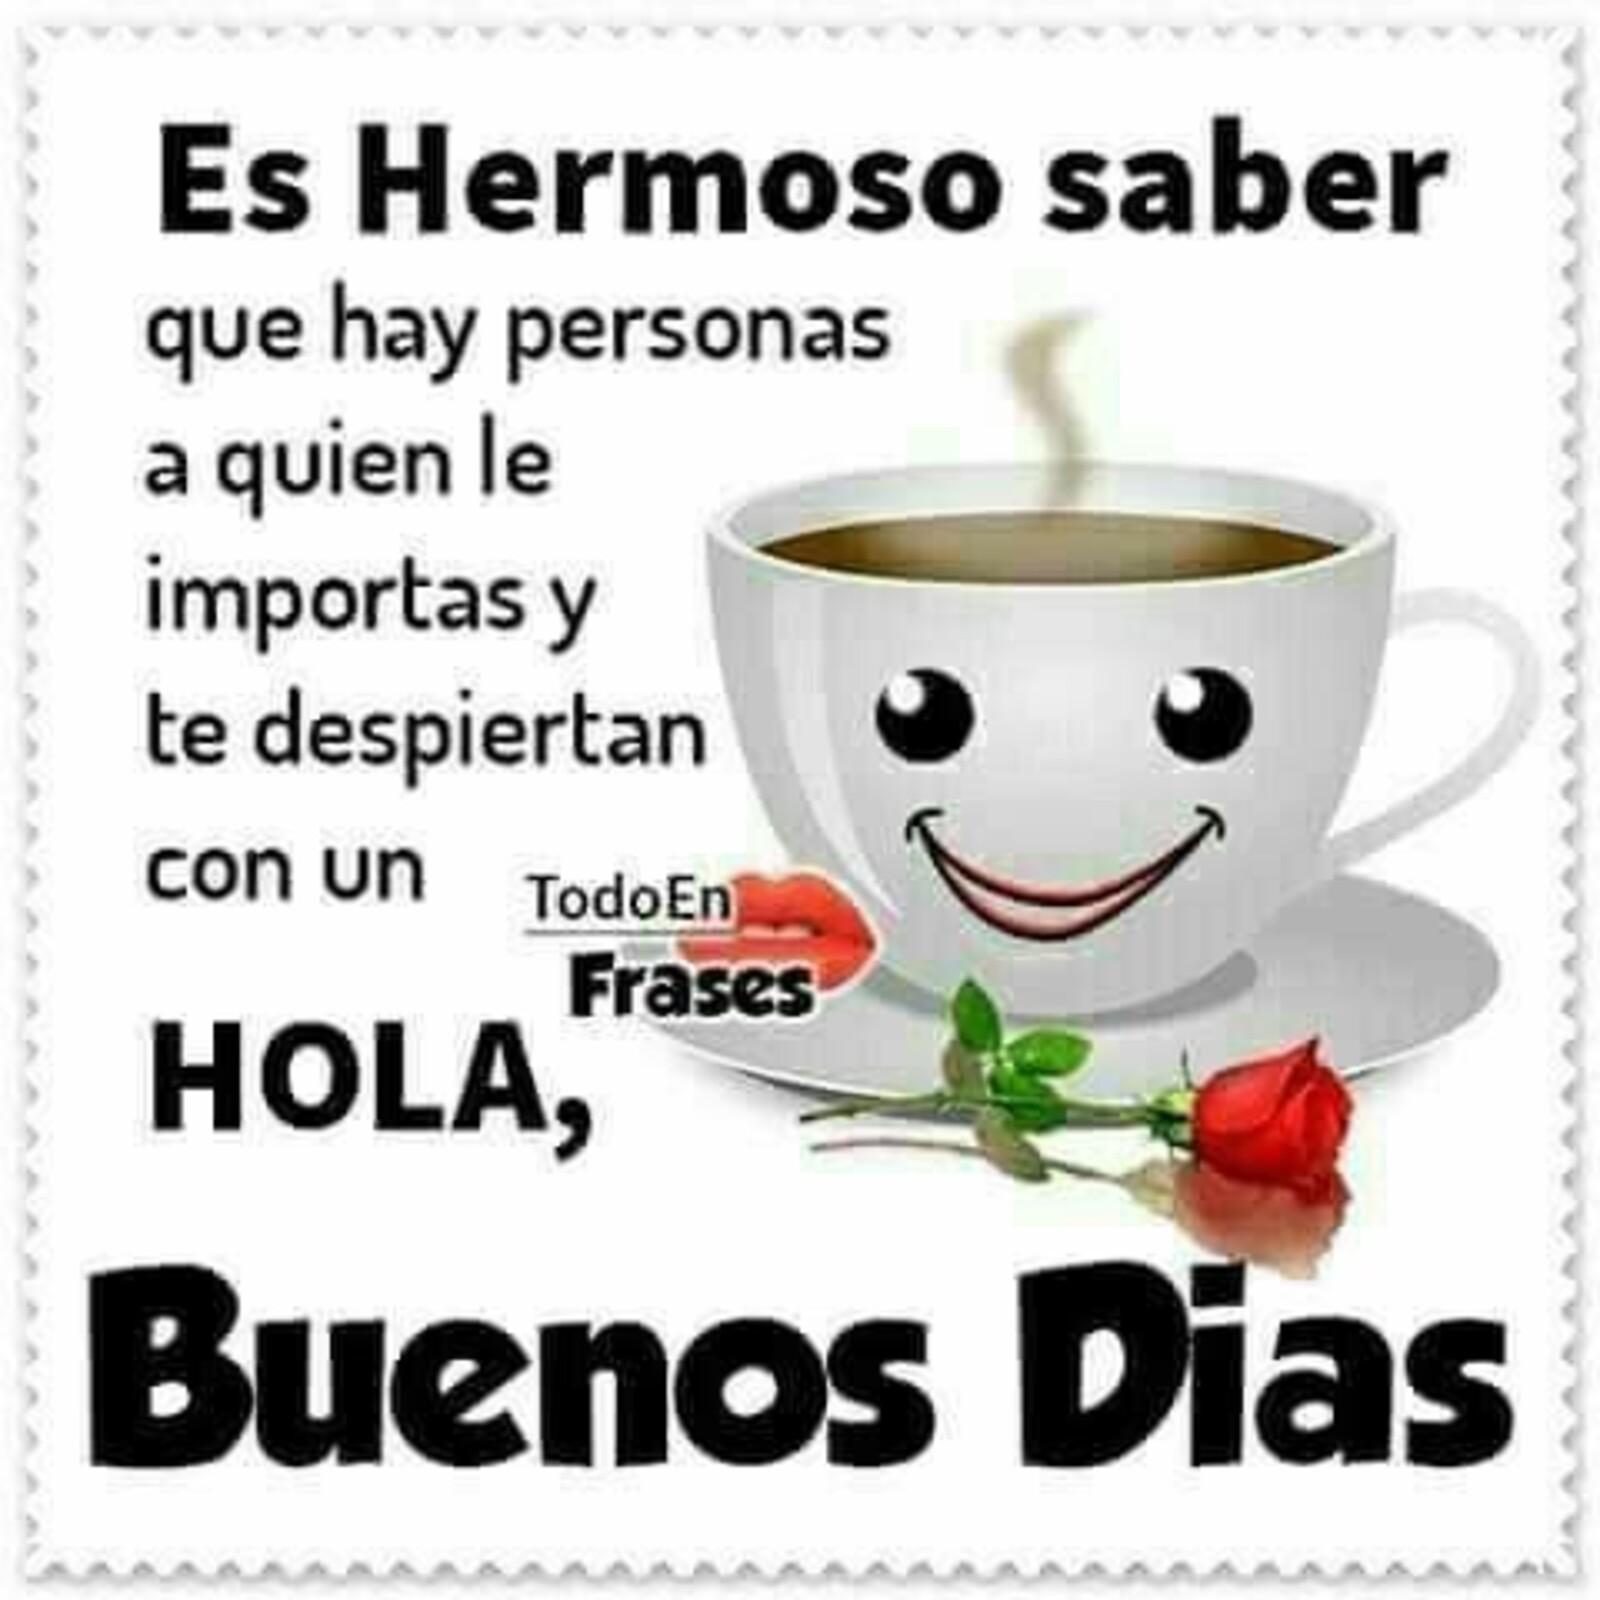 Es hermoso saber que hay personas a quien le importas y te despierten con un HOLA, Buenos Días